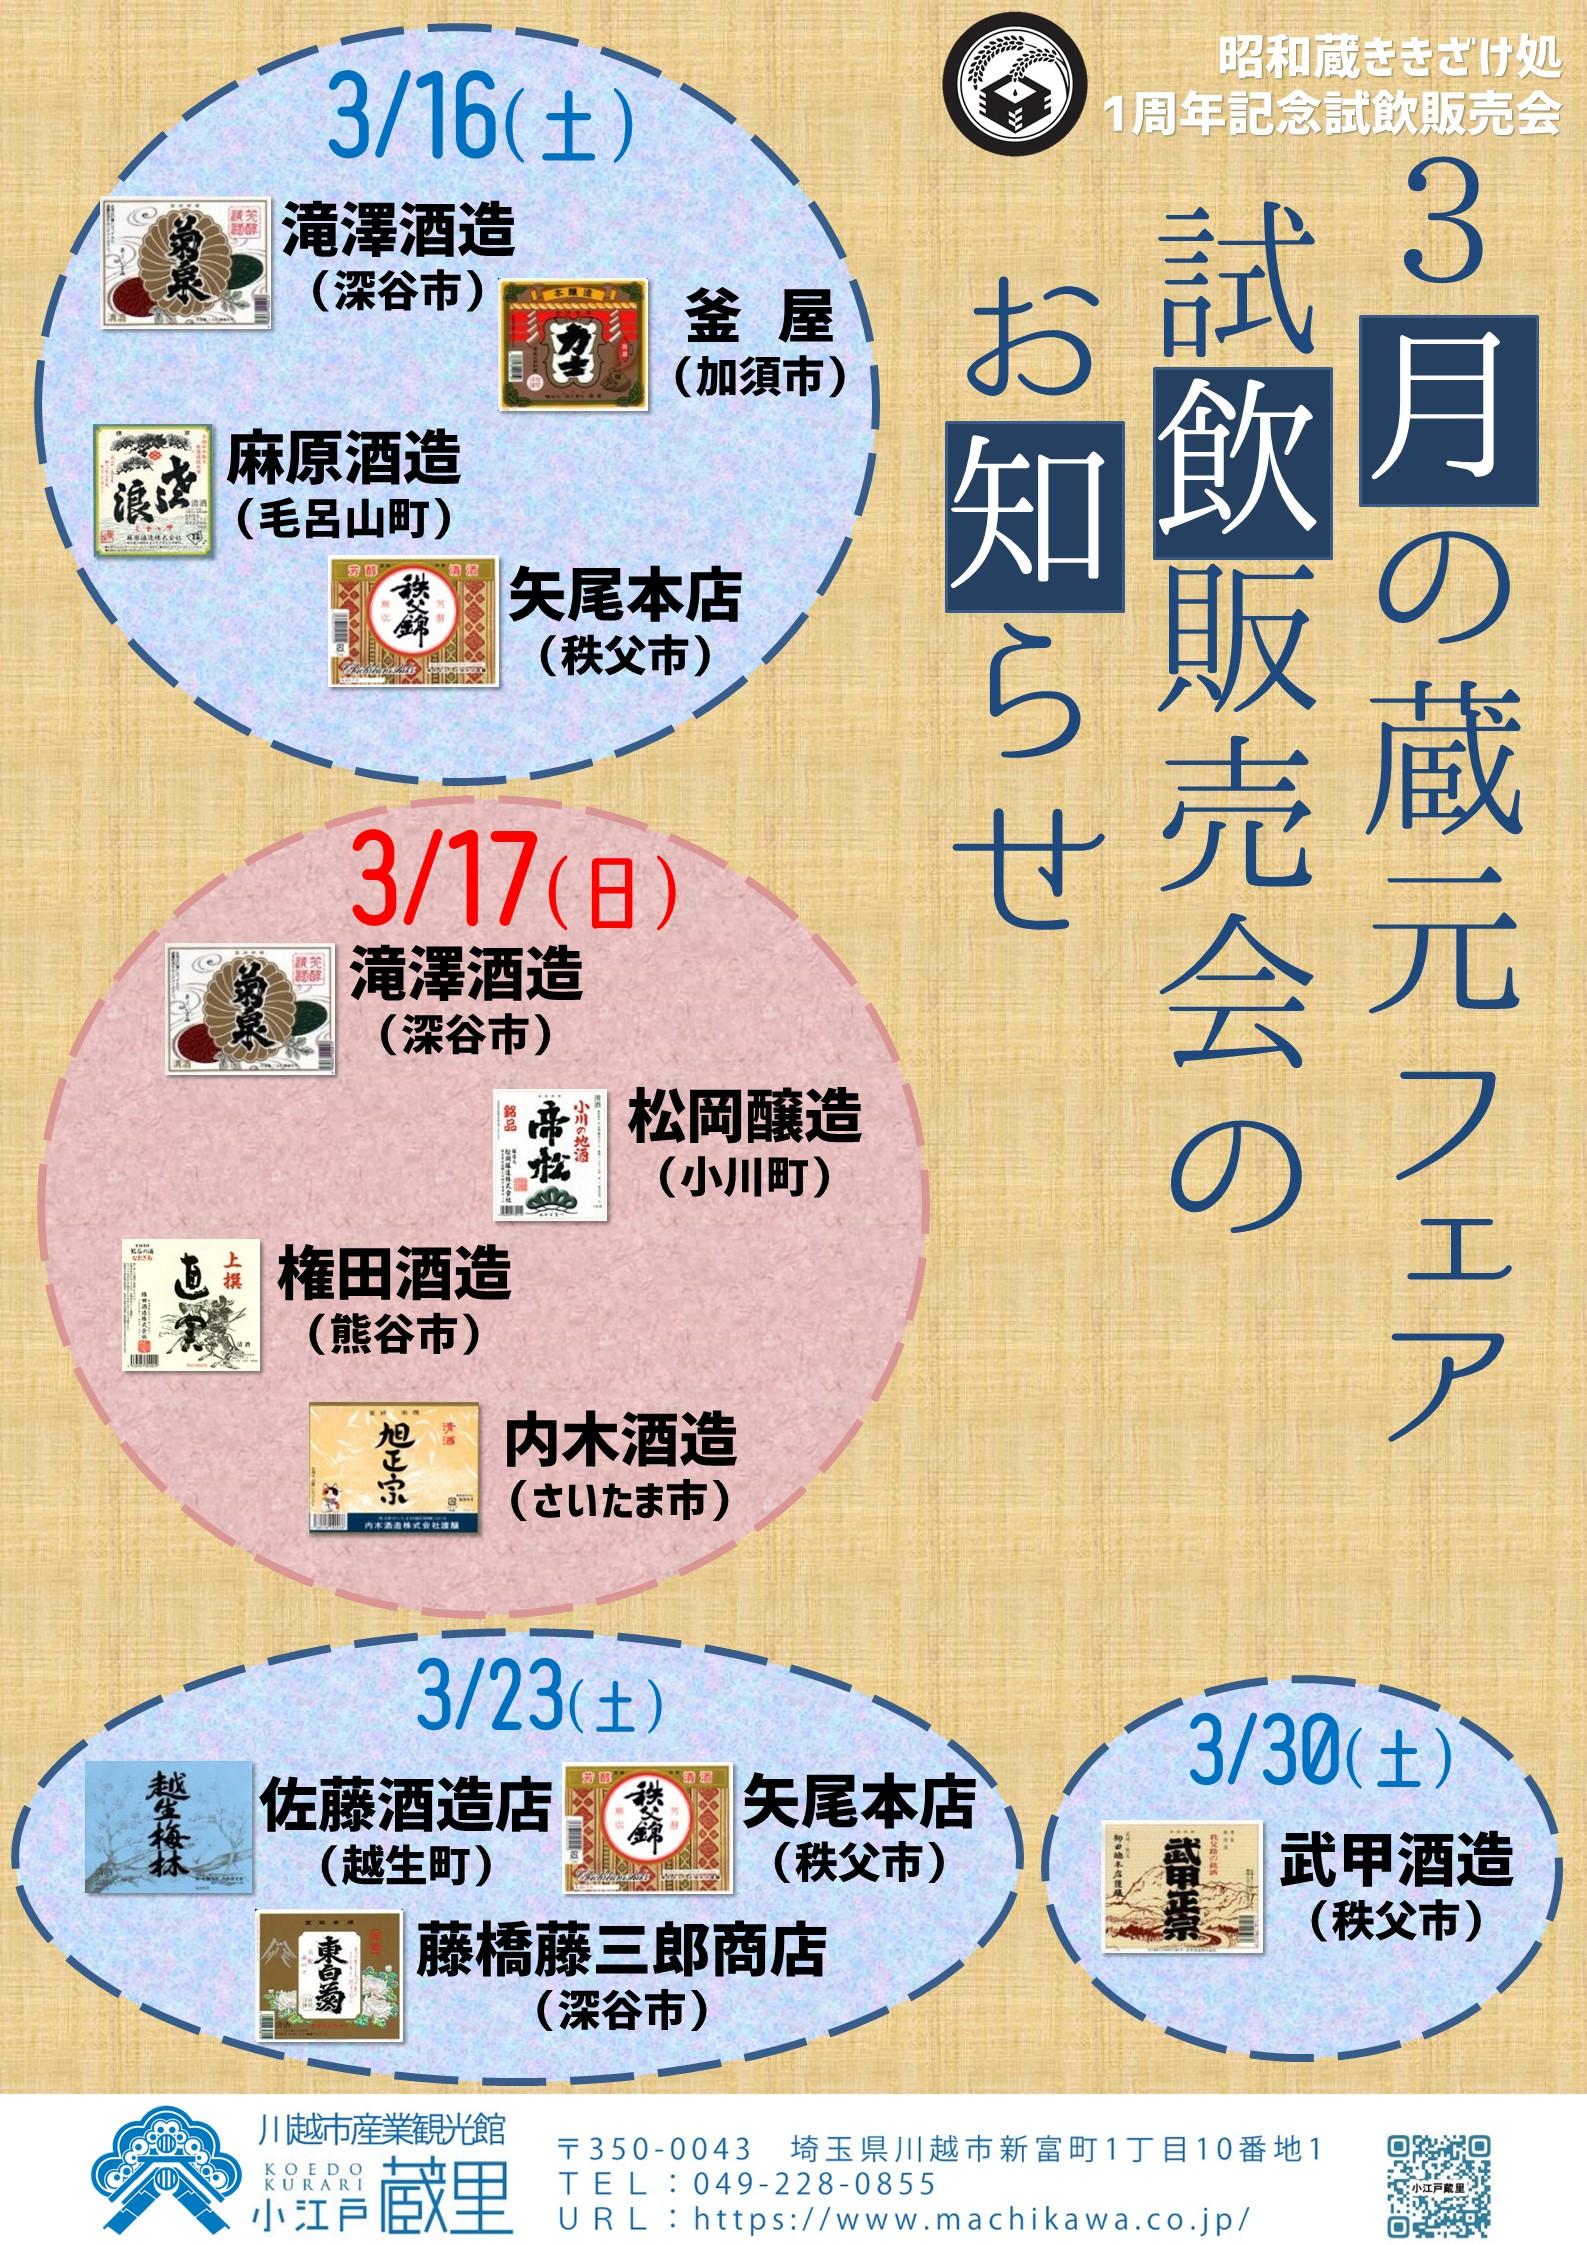 ききざけ処昭和蔵1周年企画 蔵元フェア